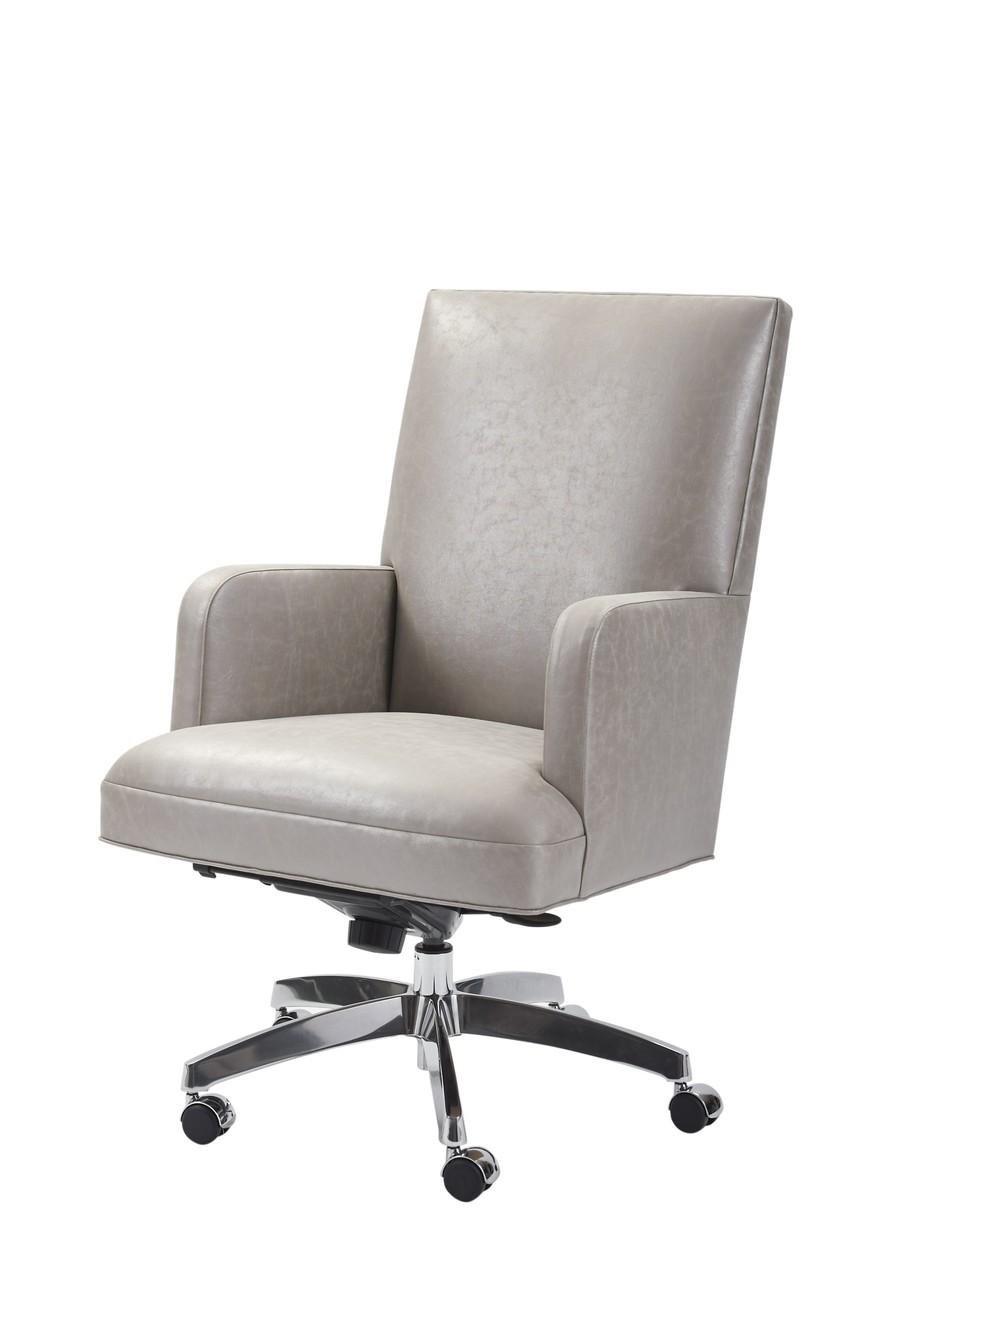 Swaim Originals - Desk Chair